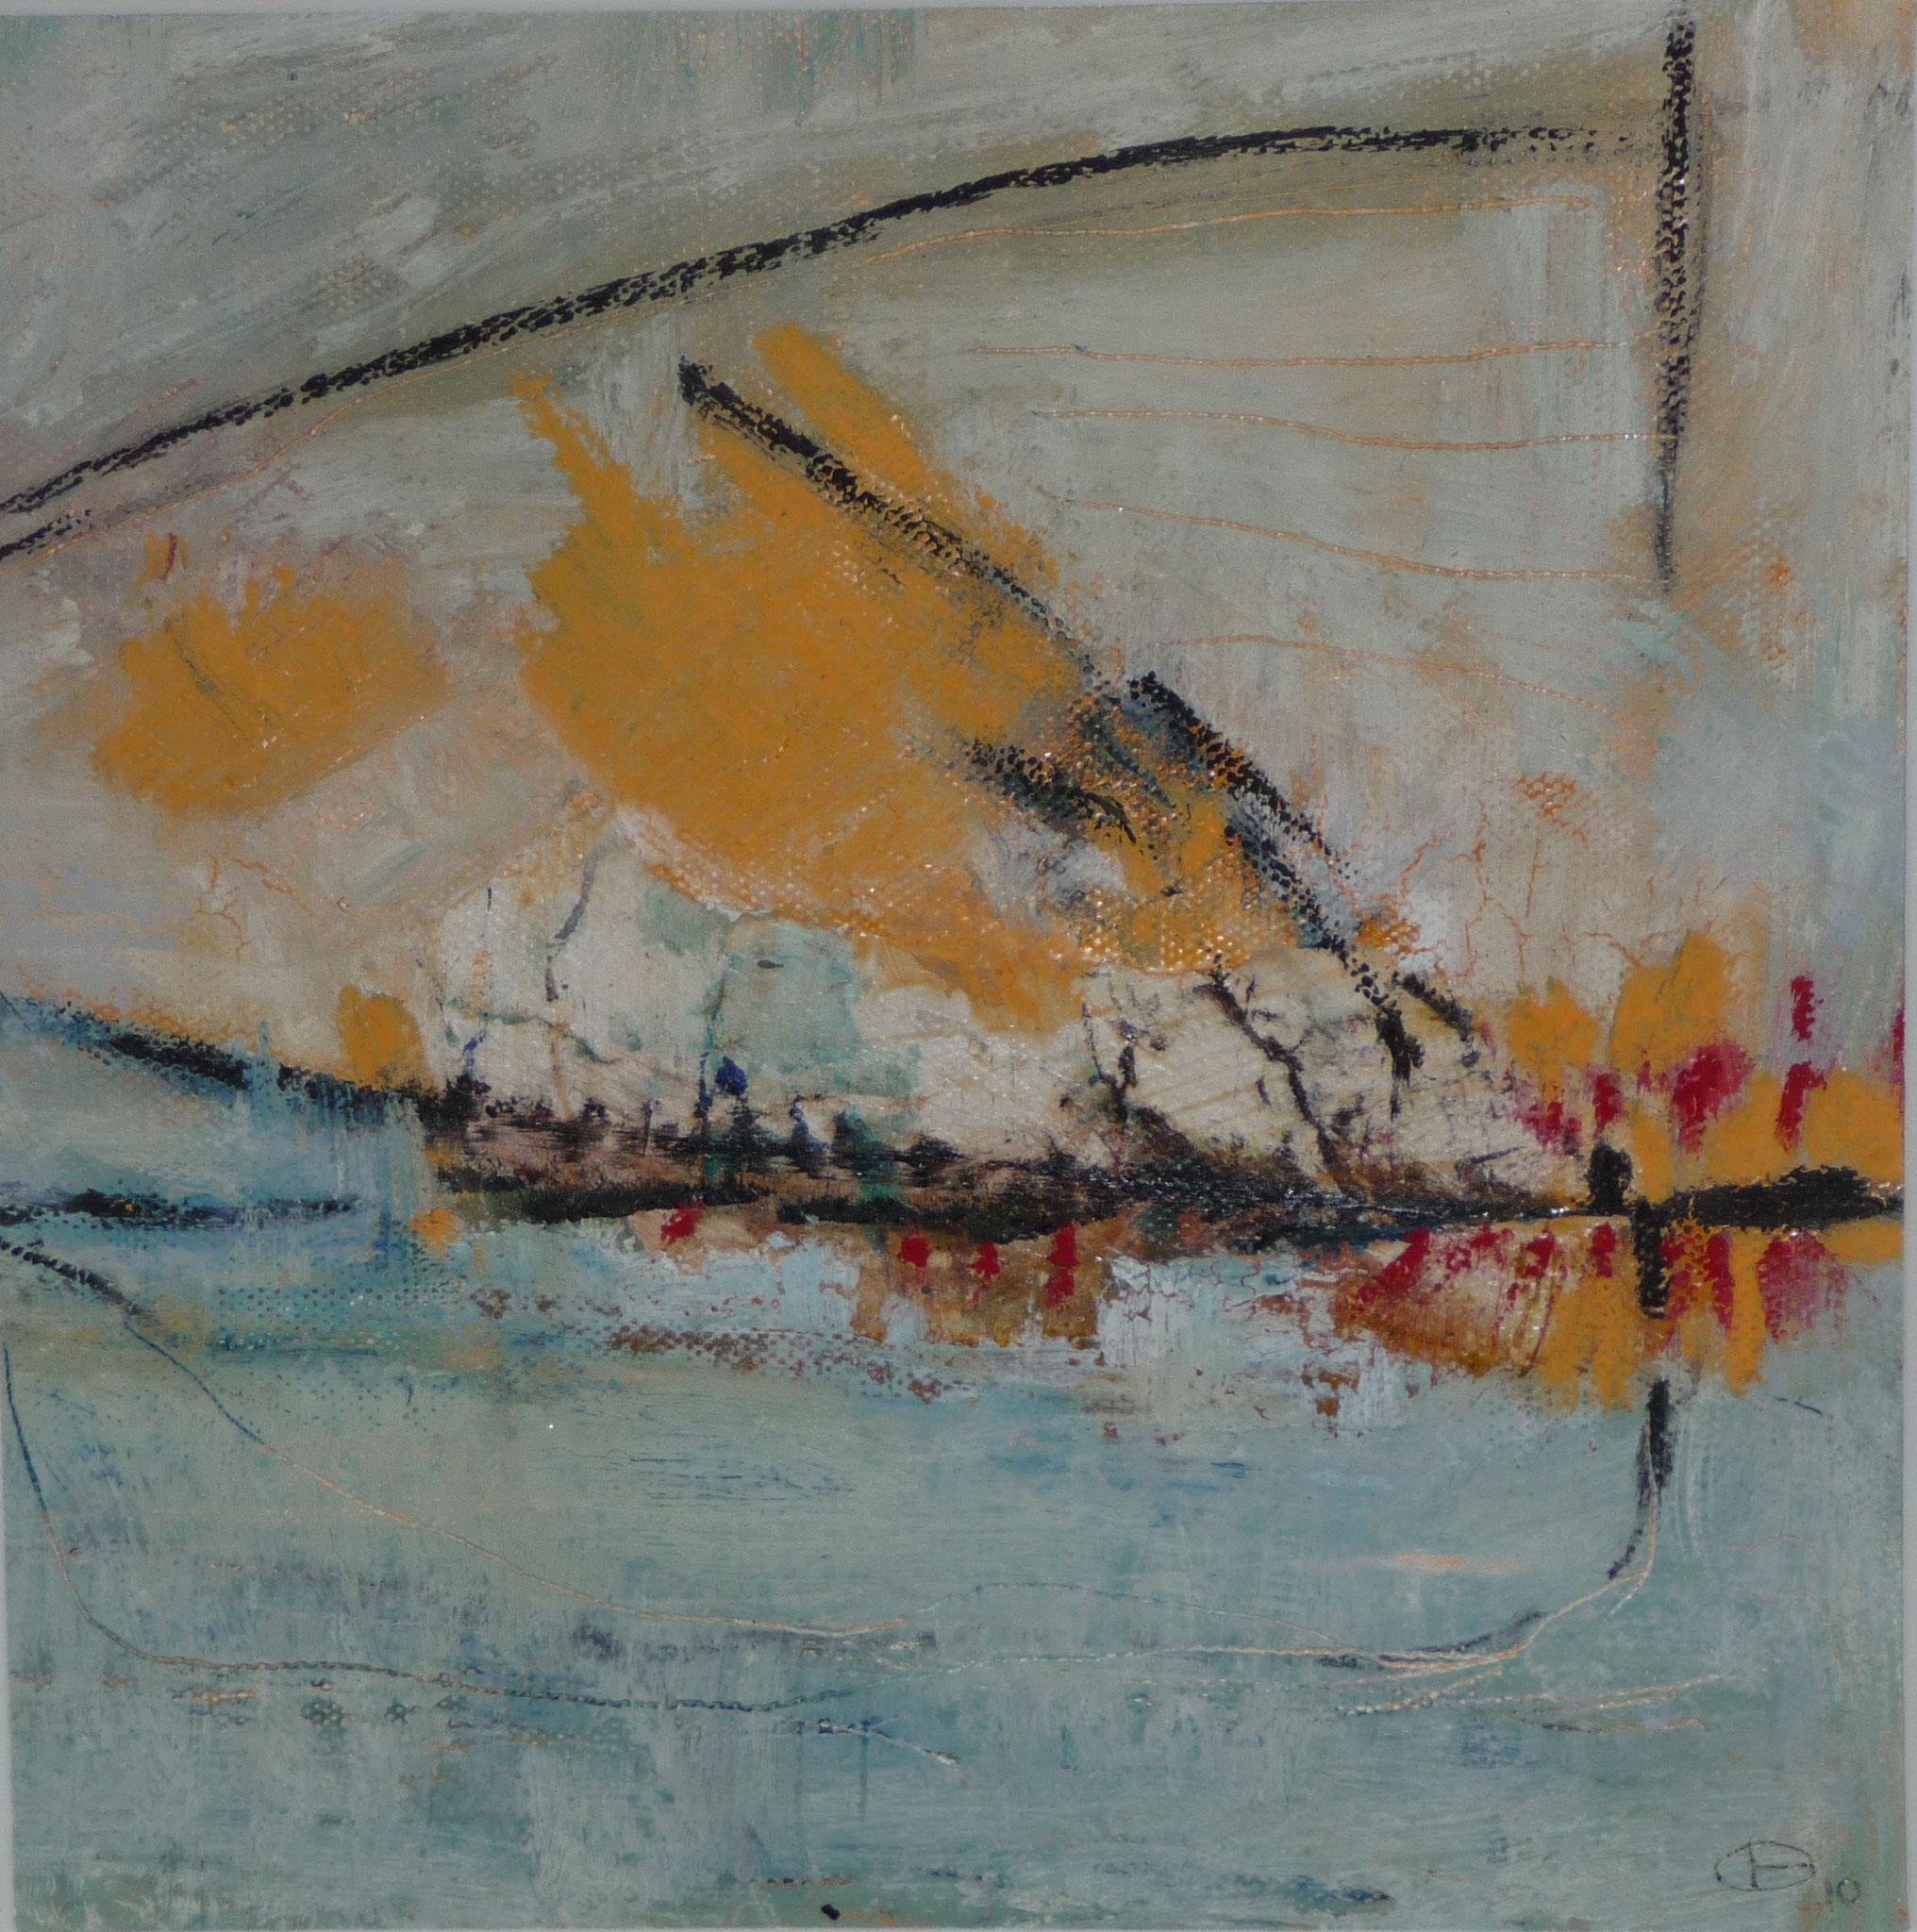 Floating   ---   2011 - Acrylique, collage, pastel à l'huile sur papier - 20 x 20 cm